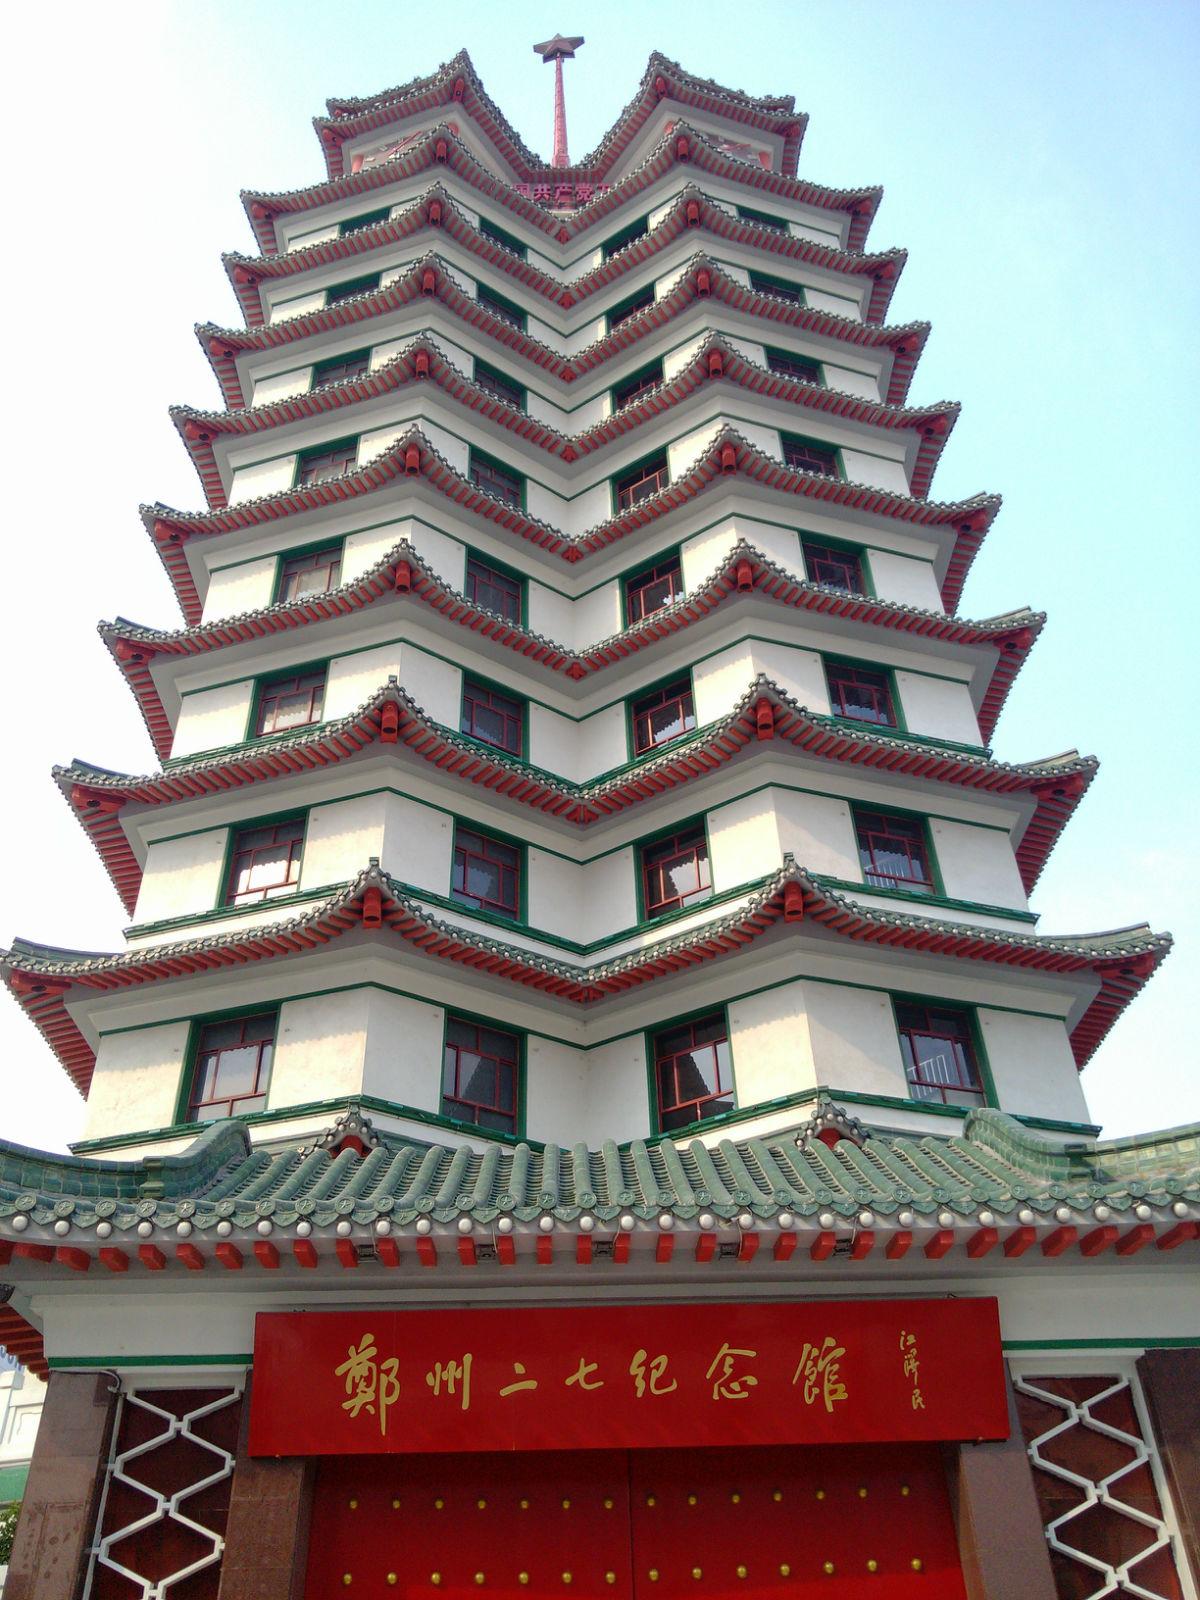 二七塔 郑州 郑州二七纪念塔 原福塔图片